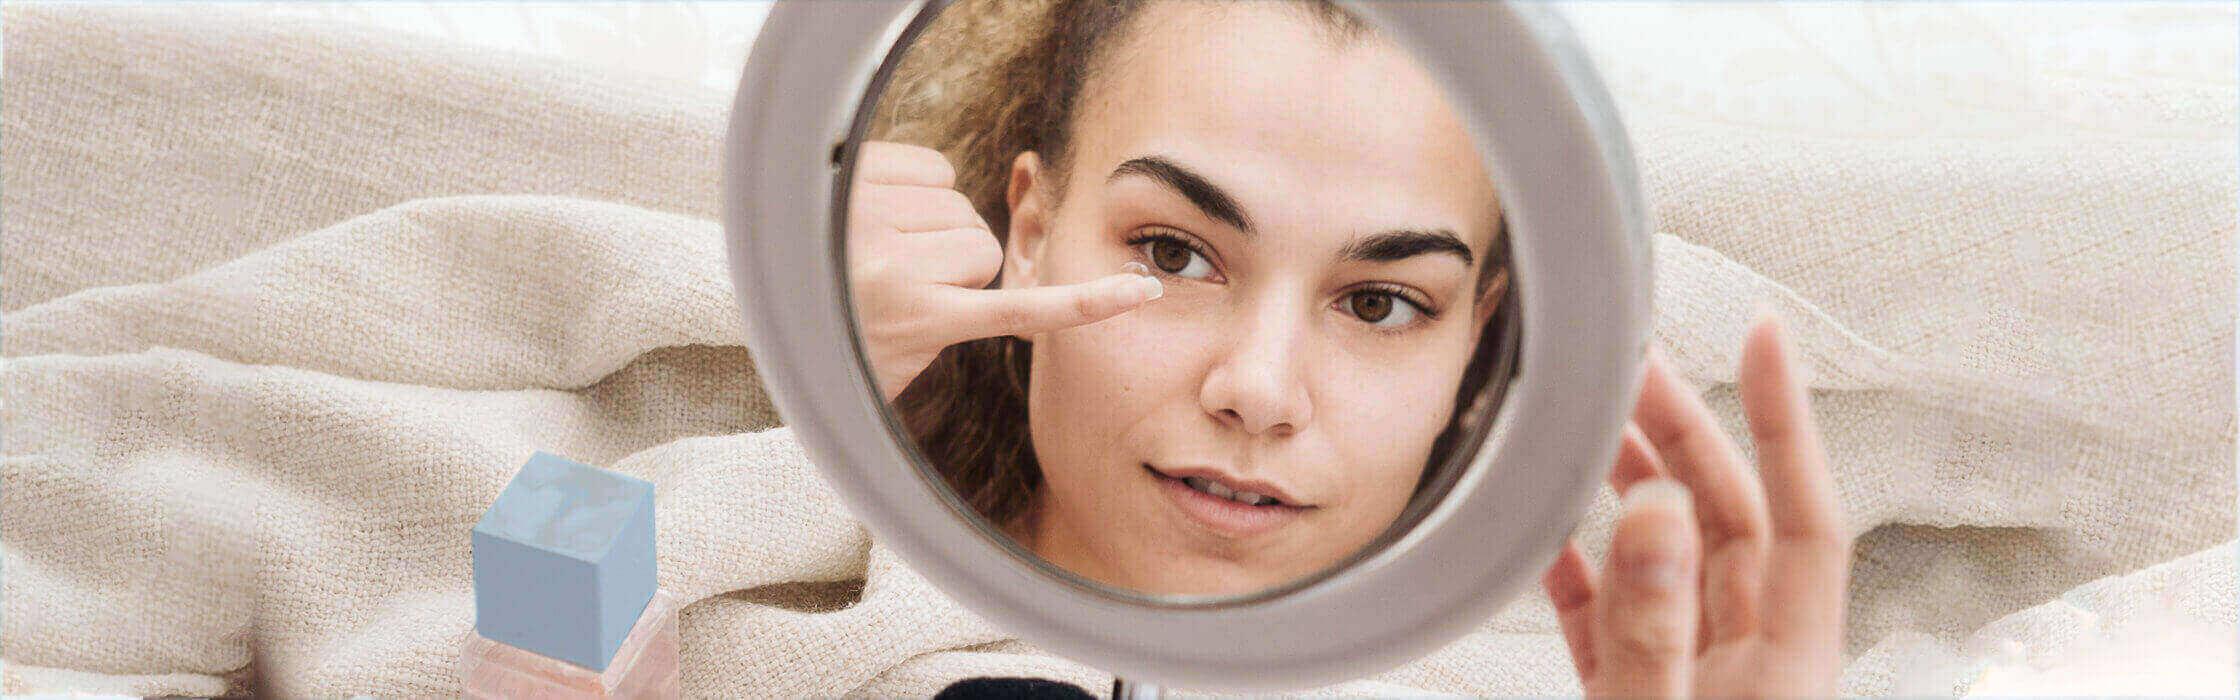 Closeup of woman holding contact lens